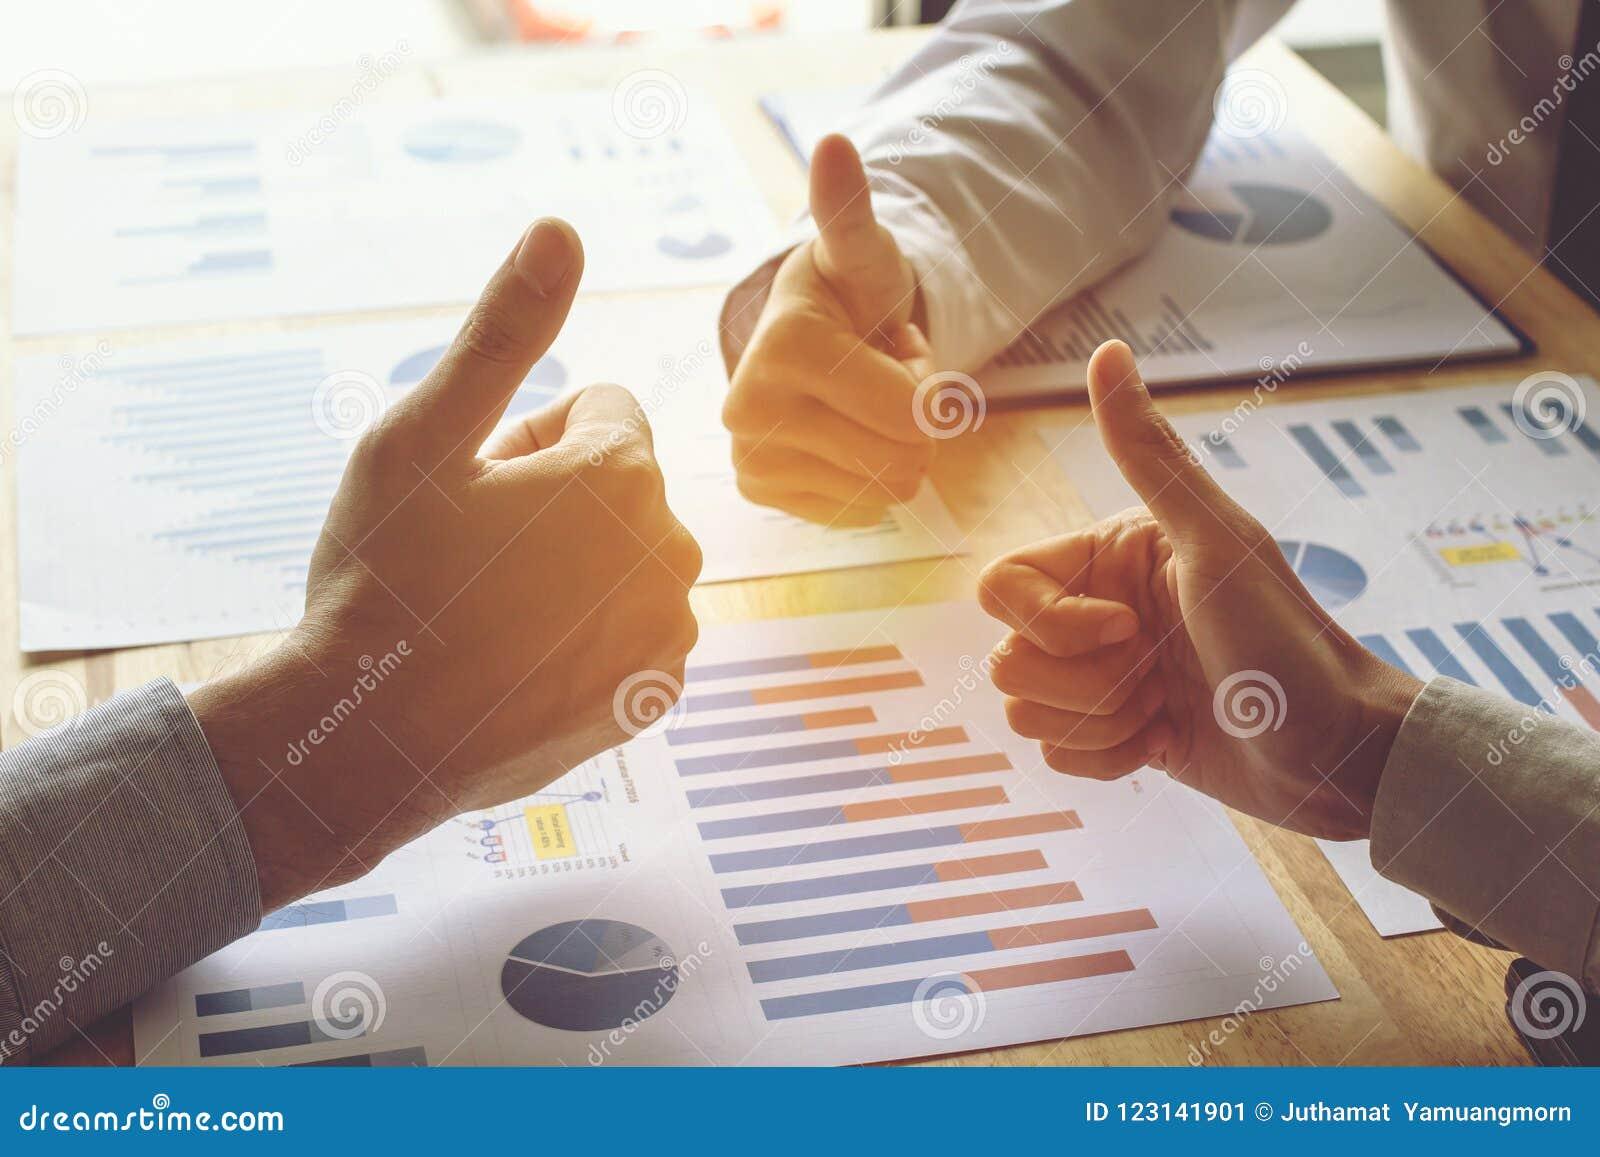 Hand von Geschäftsleuten heben Handdaumenarbeit Teamkonzept an